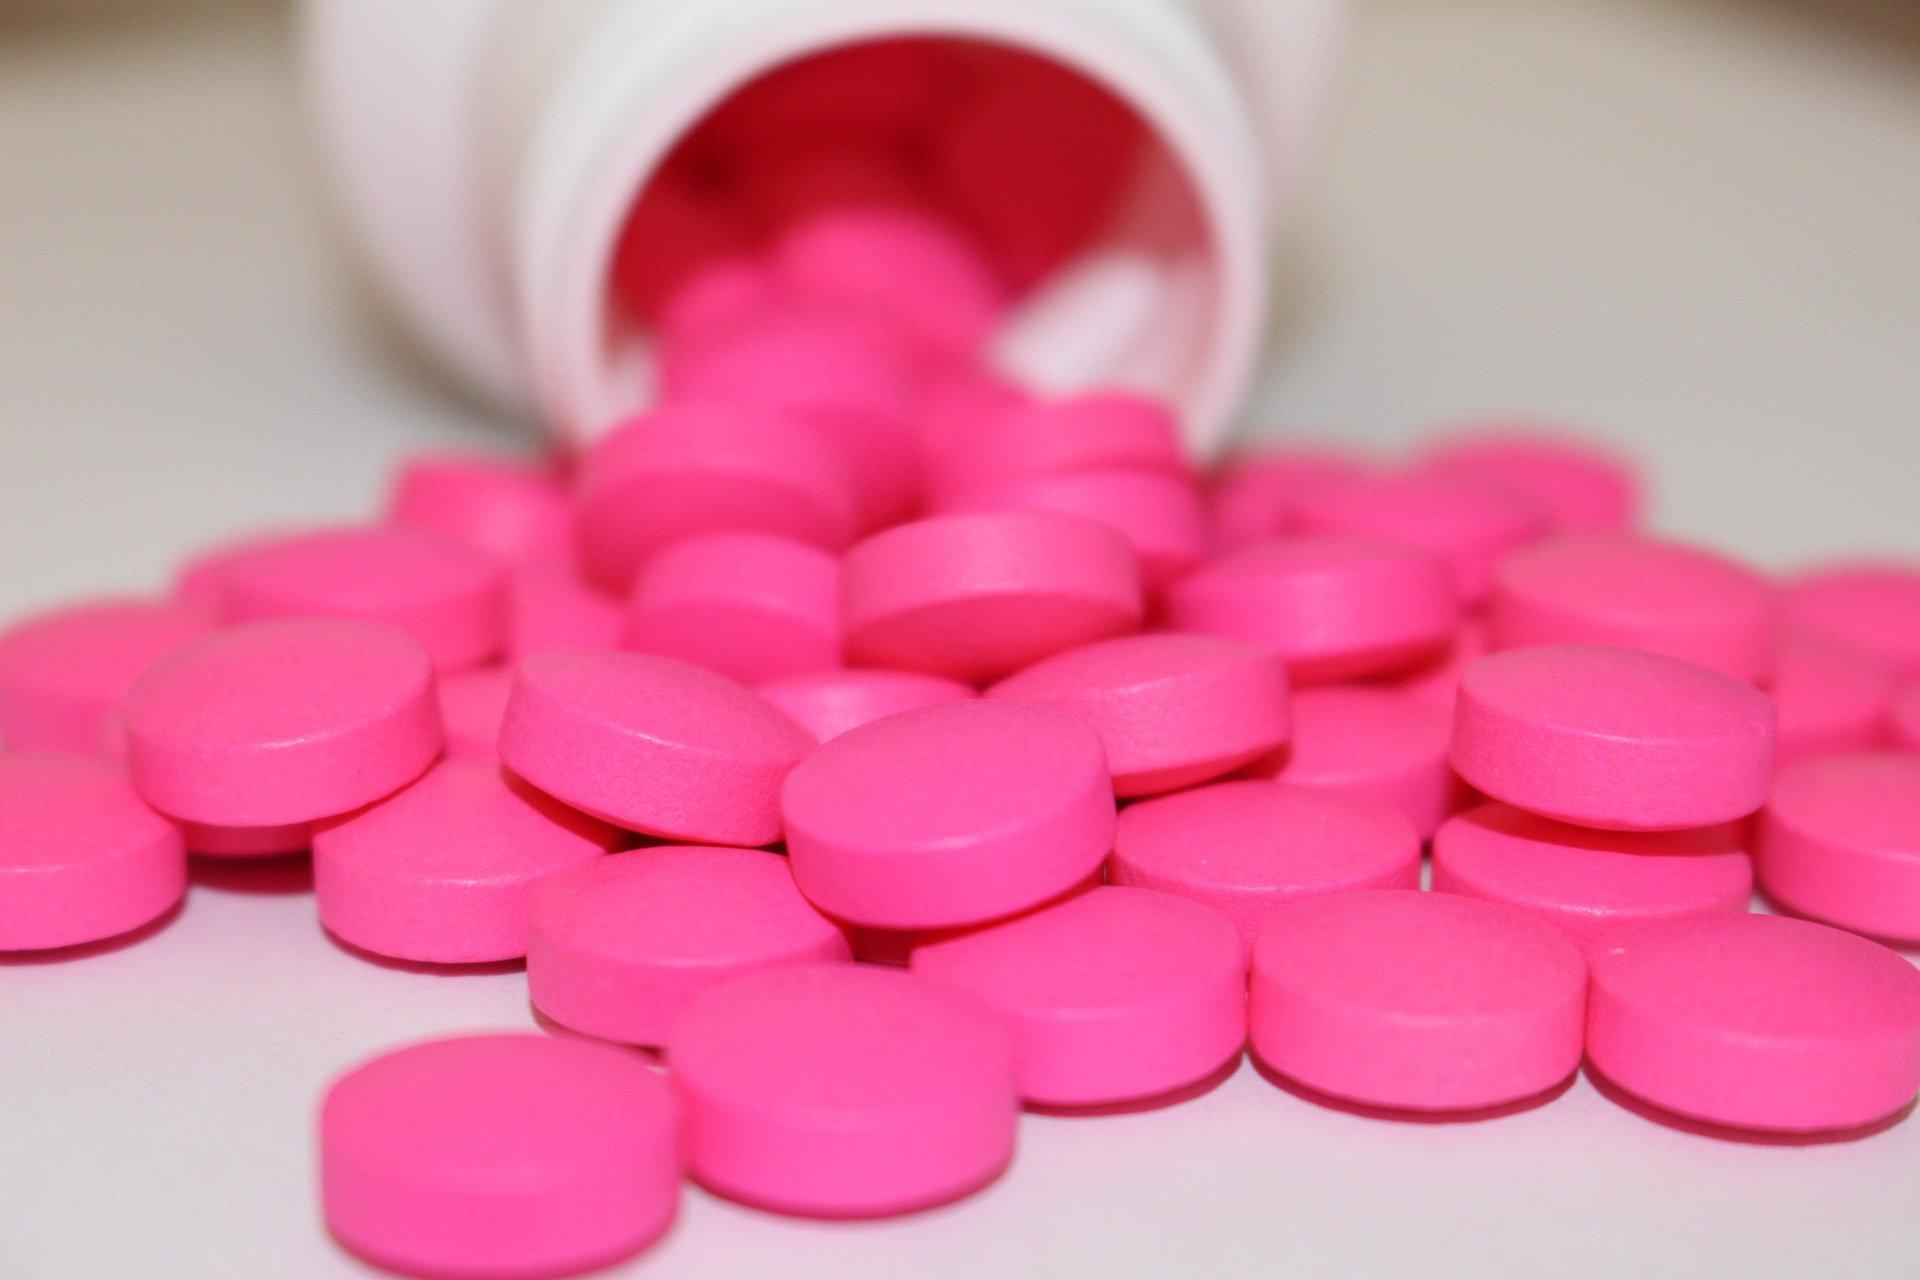 Magas vérnyomást okozhatnak a fájdalomcsillapítók